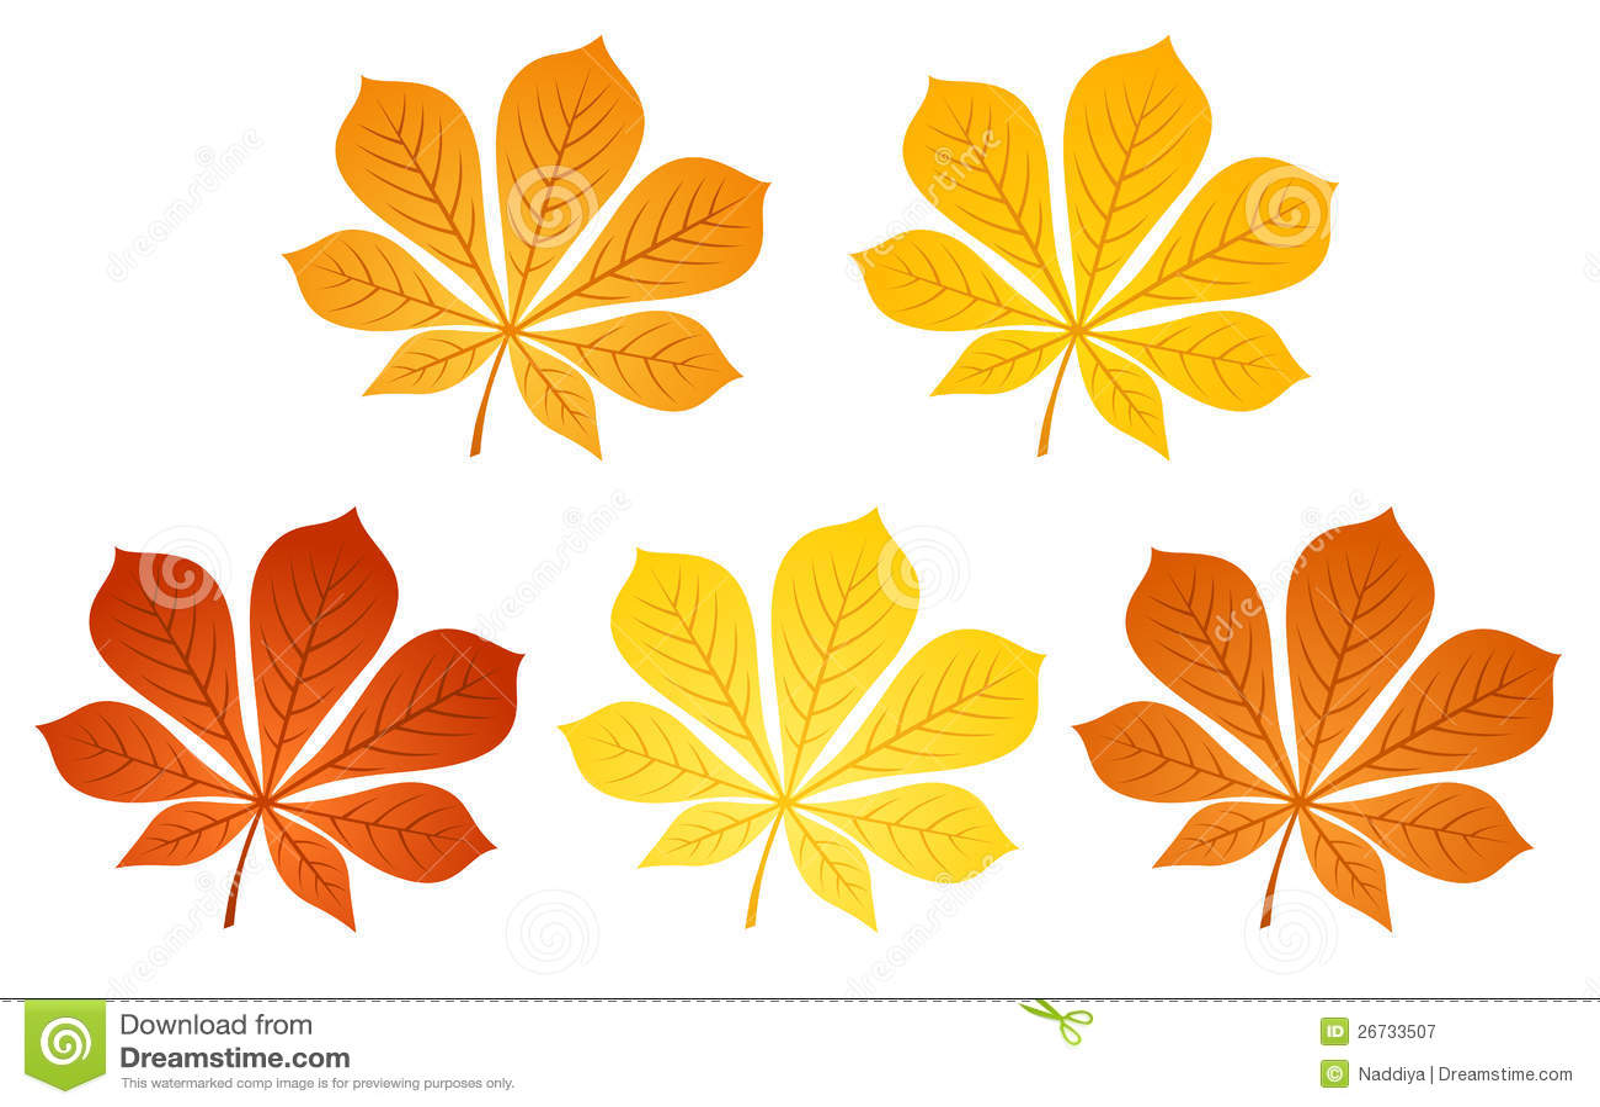 картинки листья клёна осенью